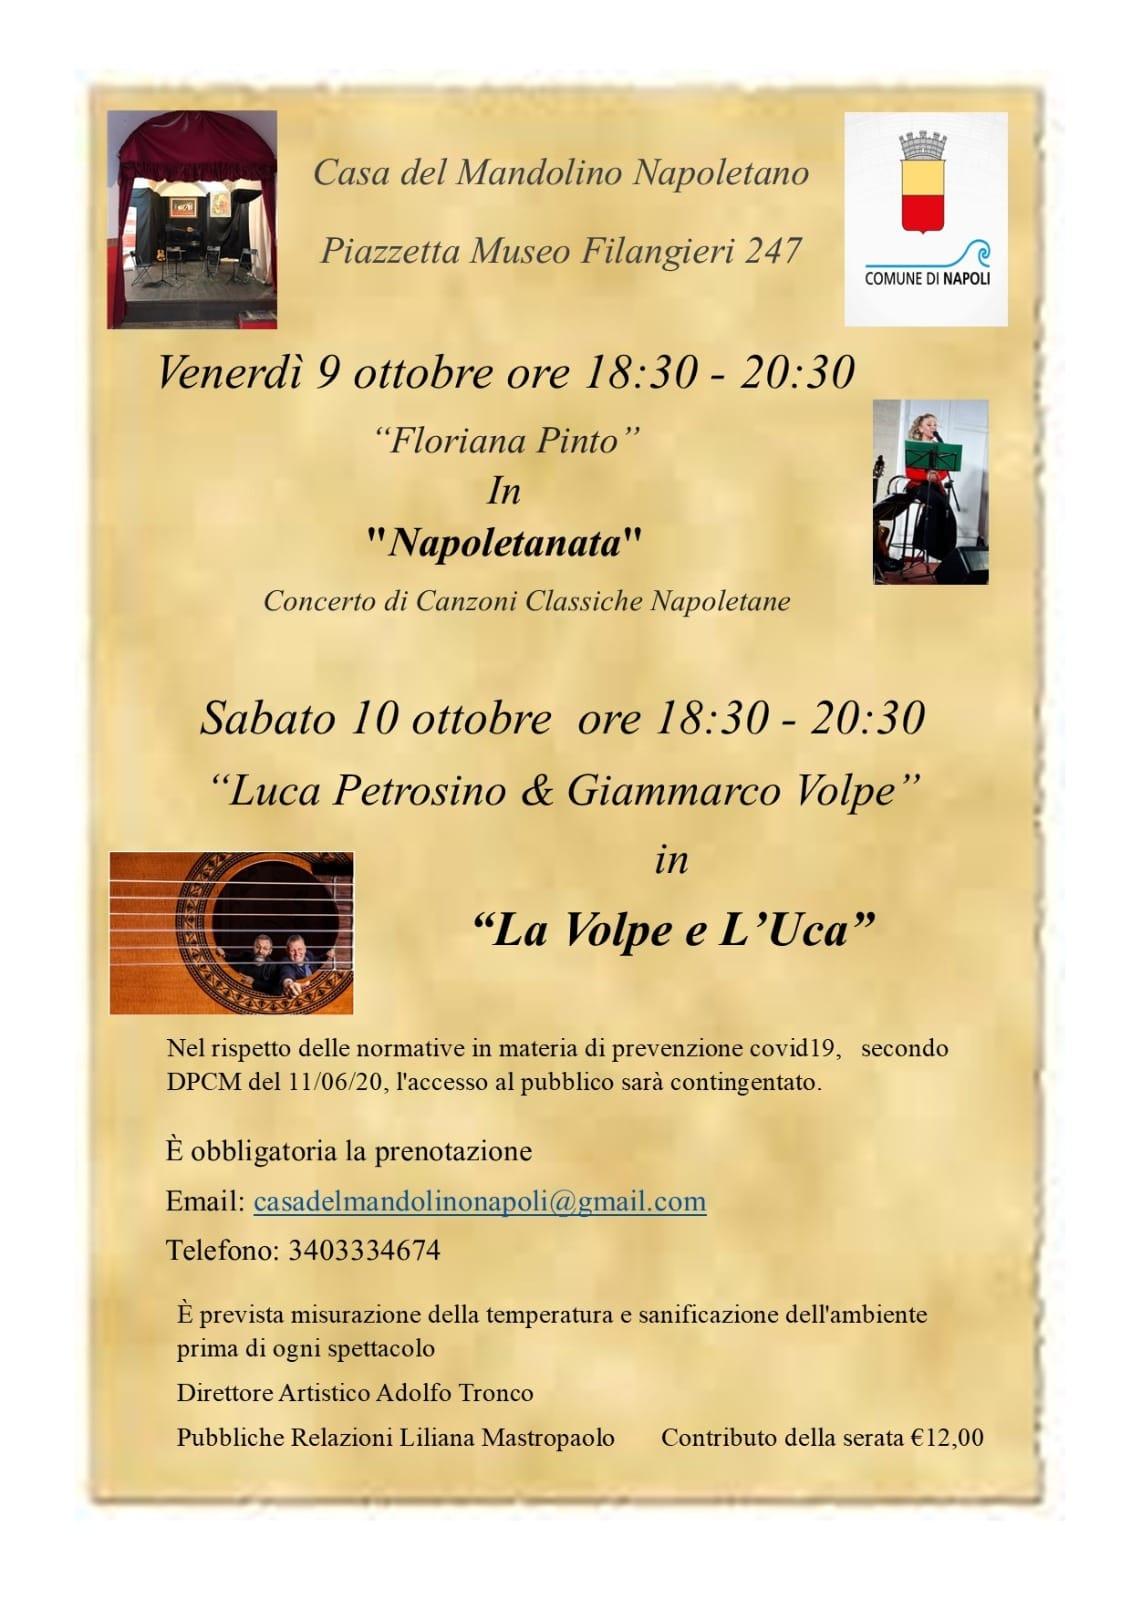 Casa del Mandolino Napoletano, due eventi nel weekend: Napoletanata e La Volpe e L'Uca